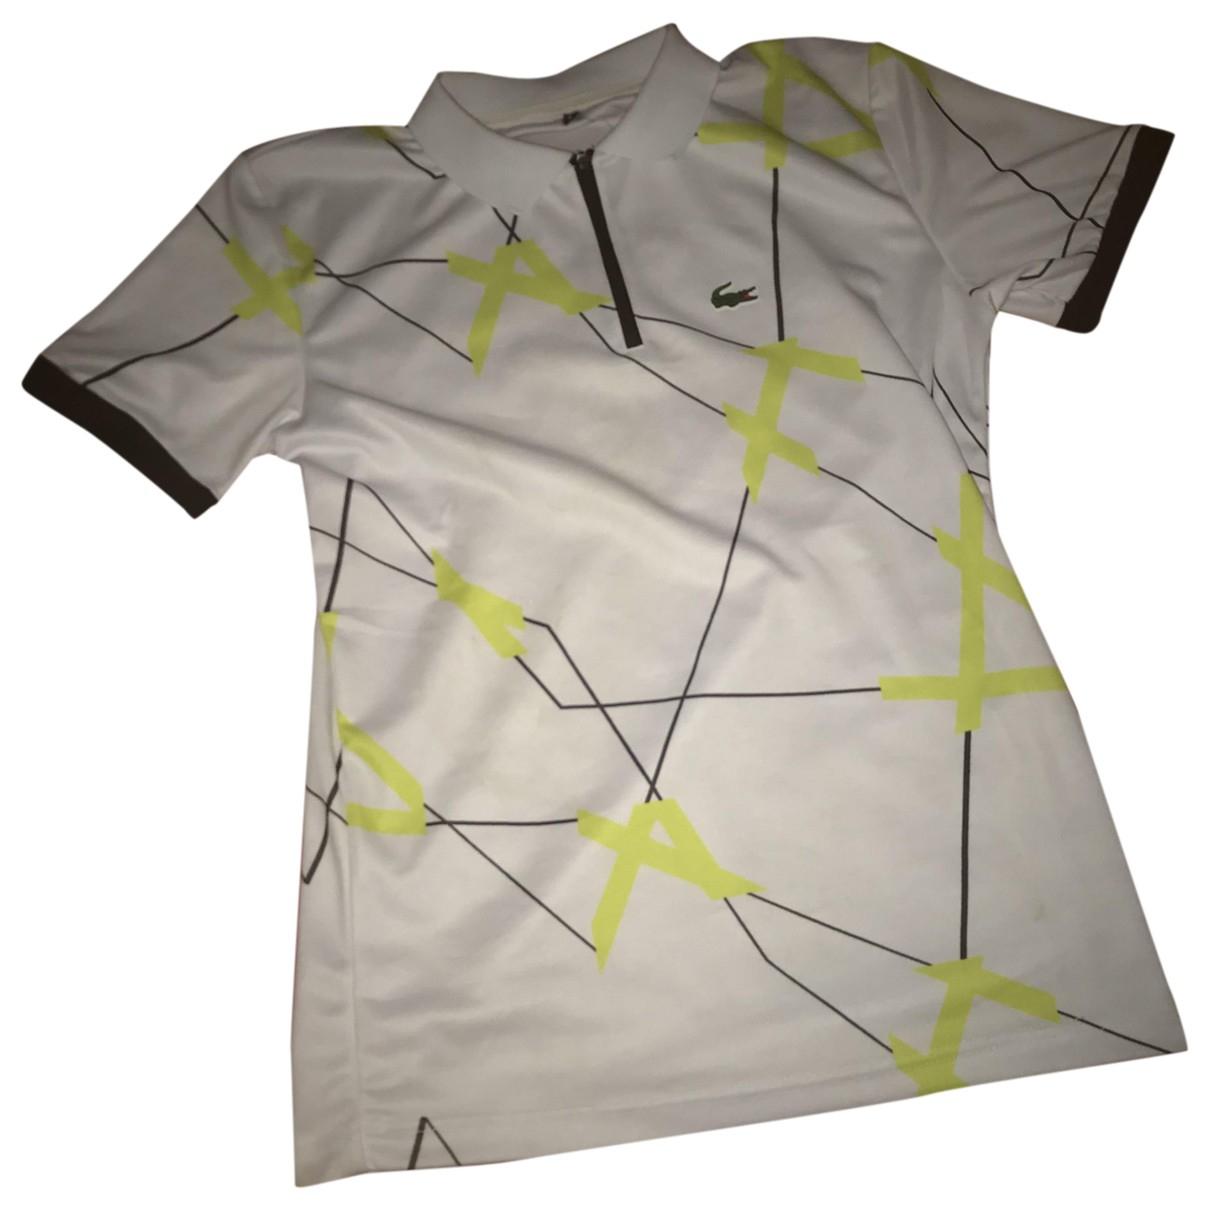 Lacoste - Tee shirts   pour homme en coton - blanc